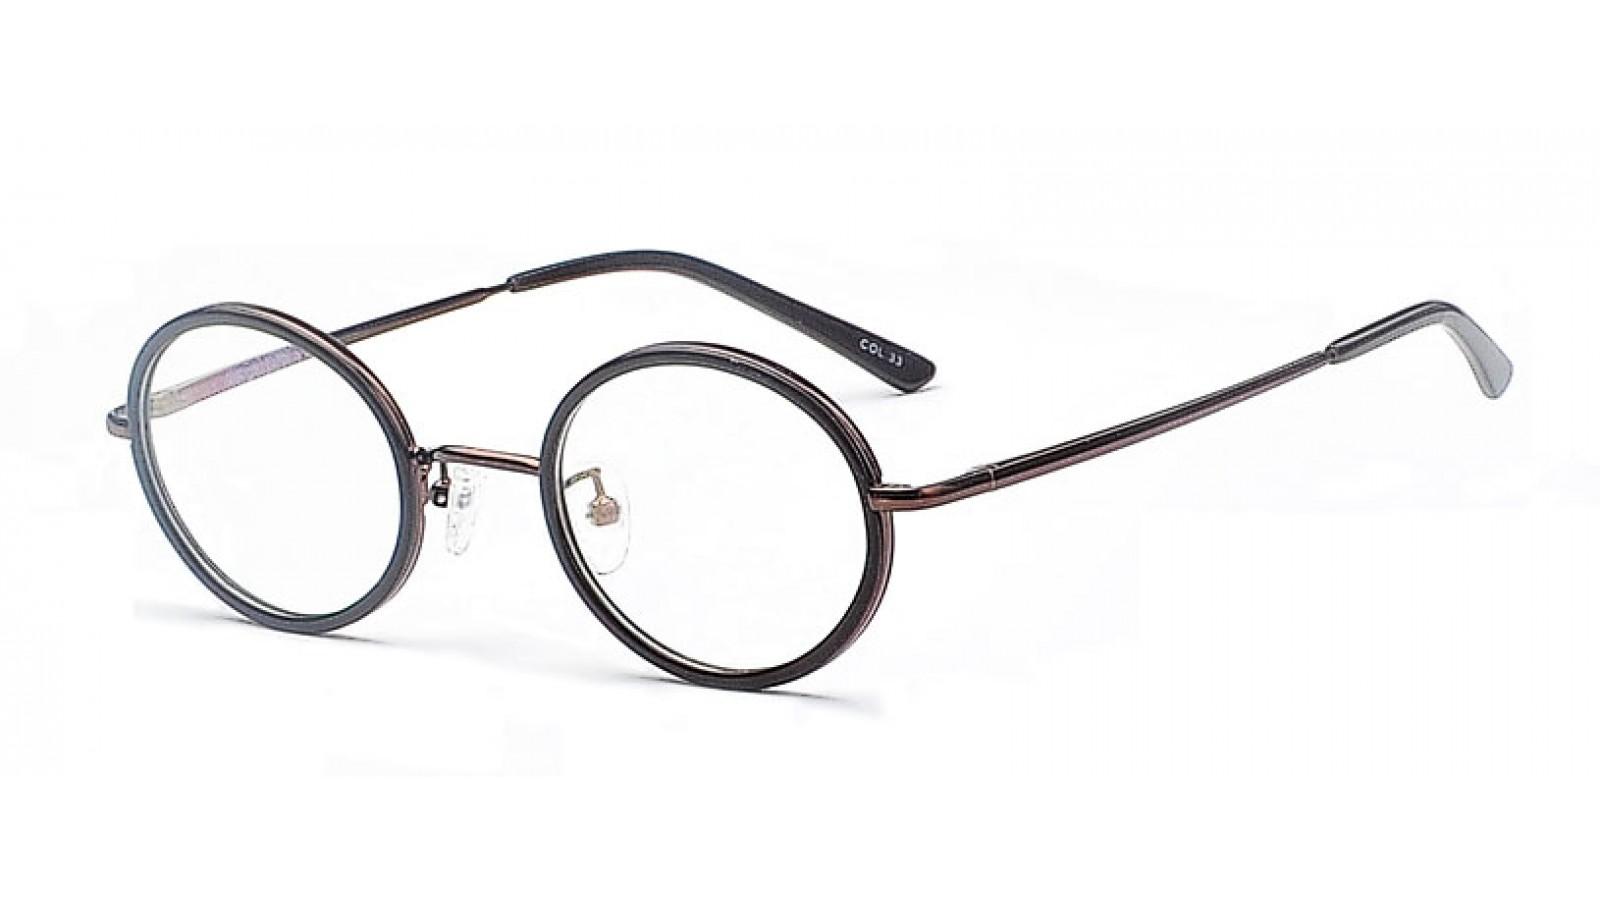 Schwarze Gleitsicht Pantobrille Brille Mit Breiten Runden Glasern